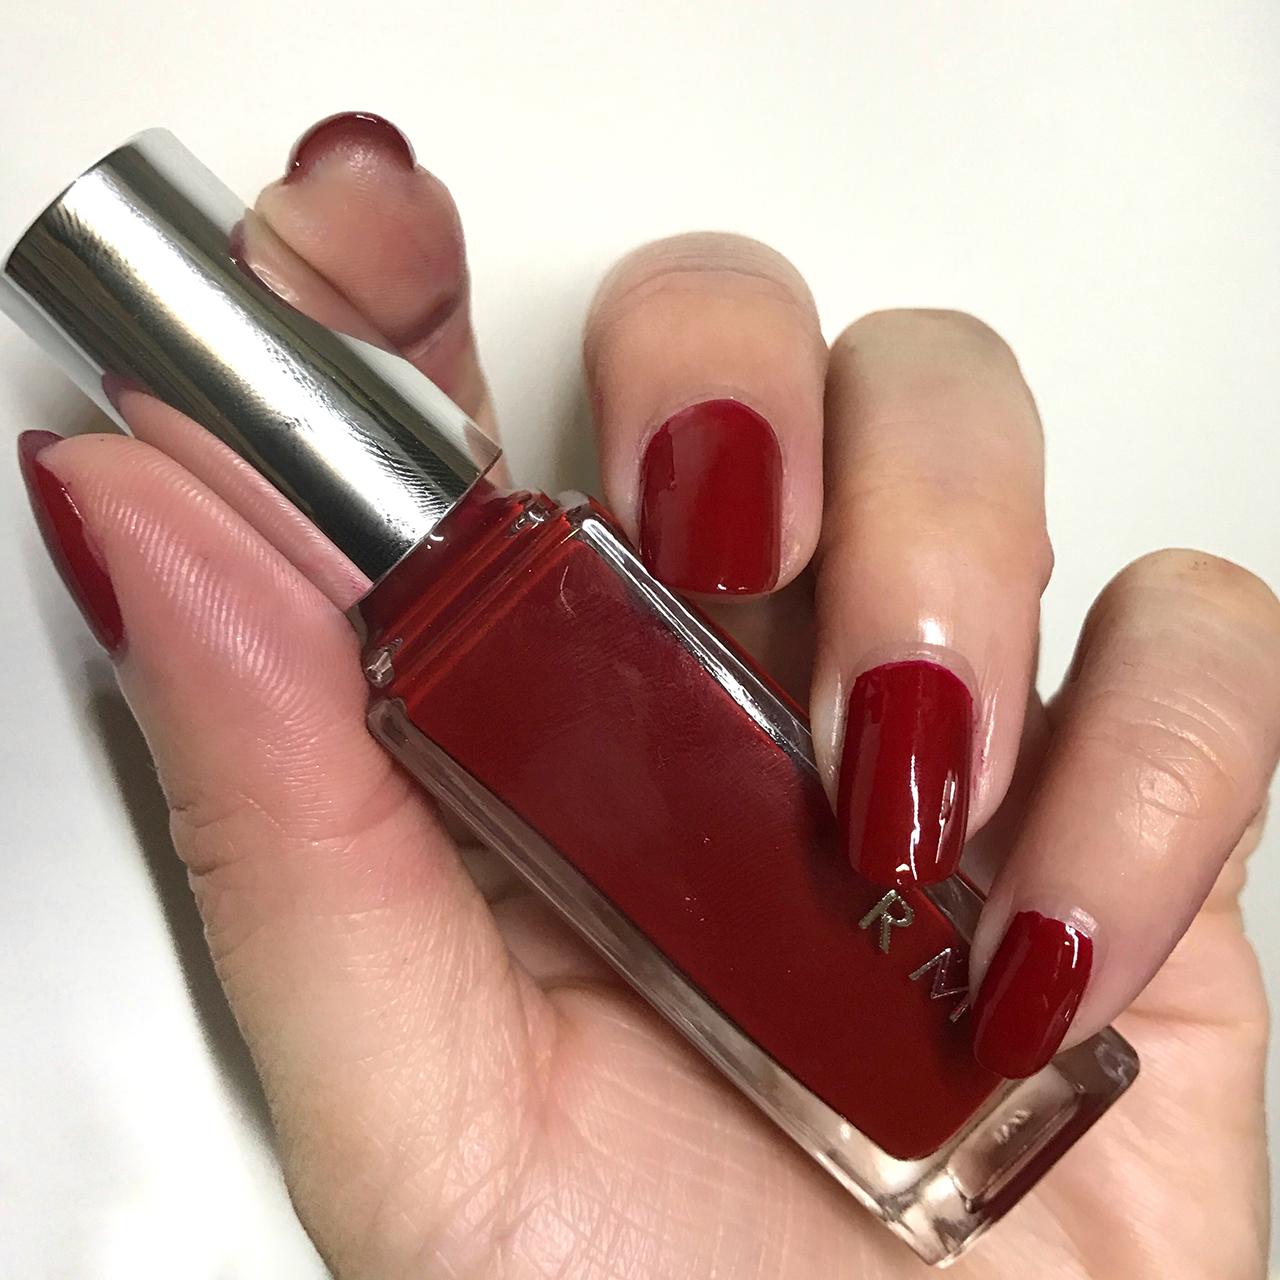 RMK Nail Polish 15(CL) Youth Red nail swatch